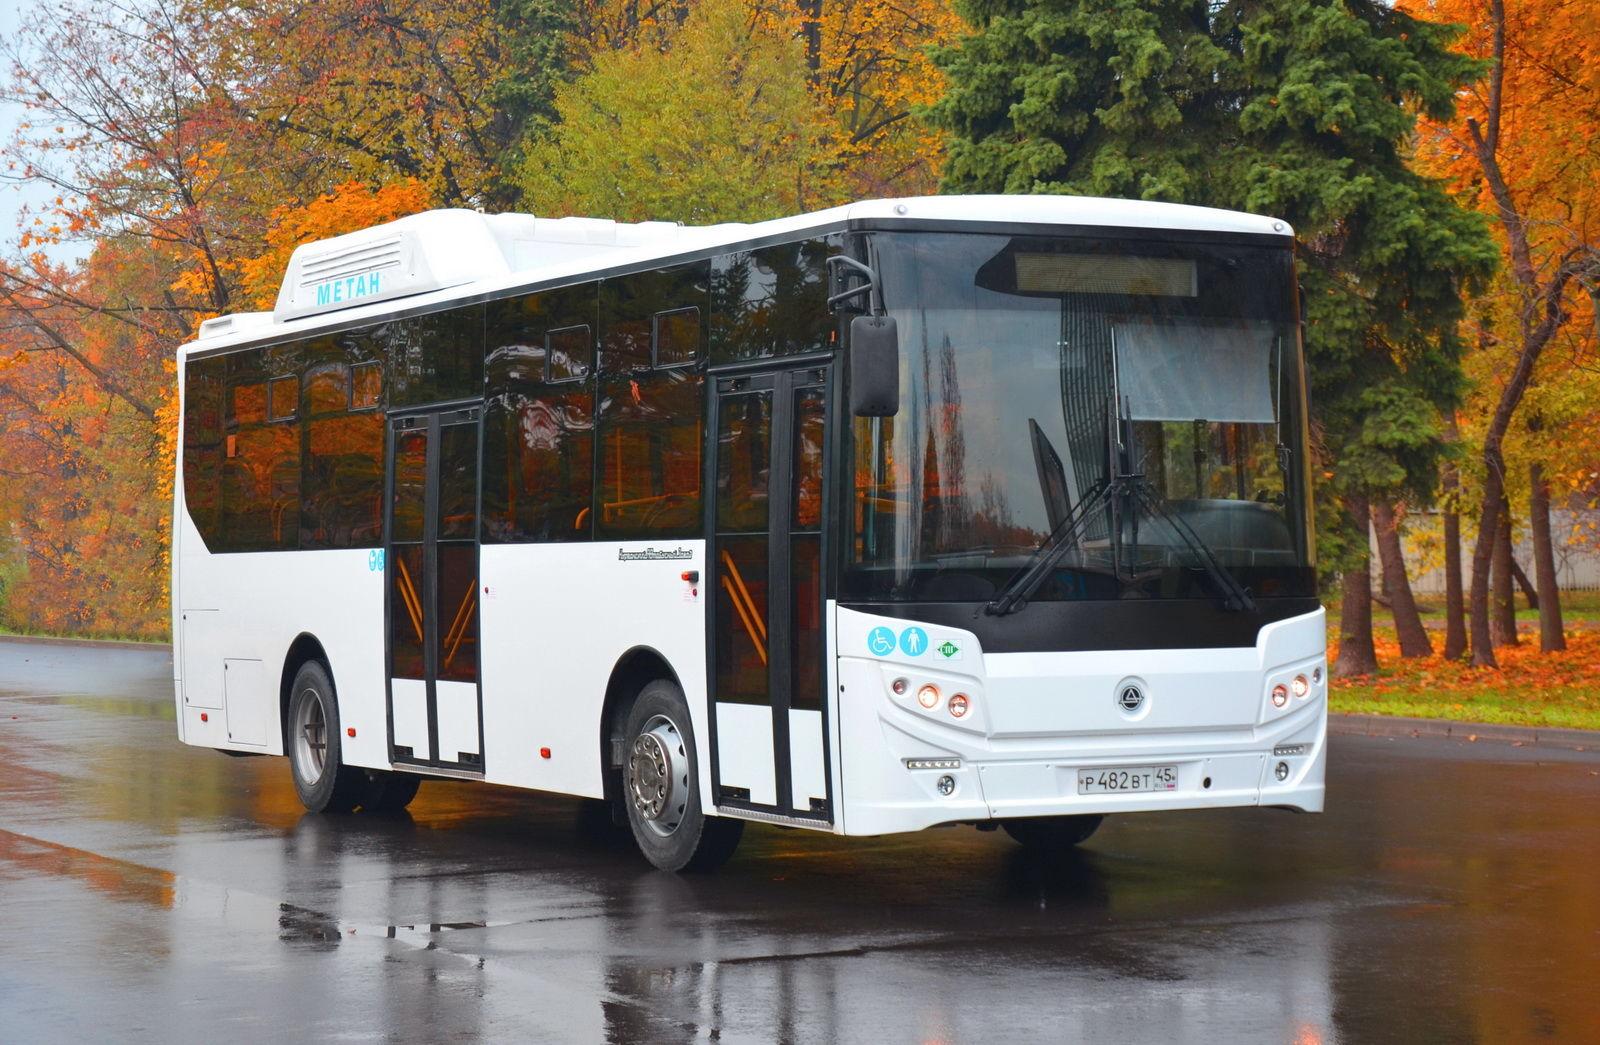 Pulsuz avtobus xətti açıldı - Azərbaycanda YENİLİK